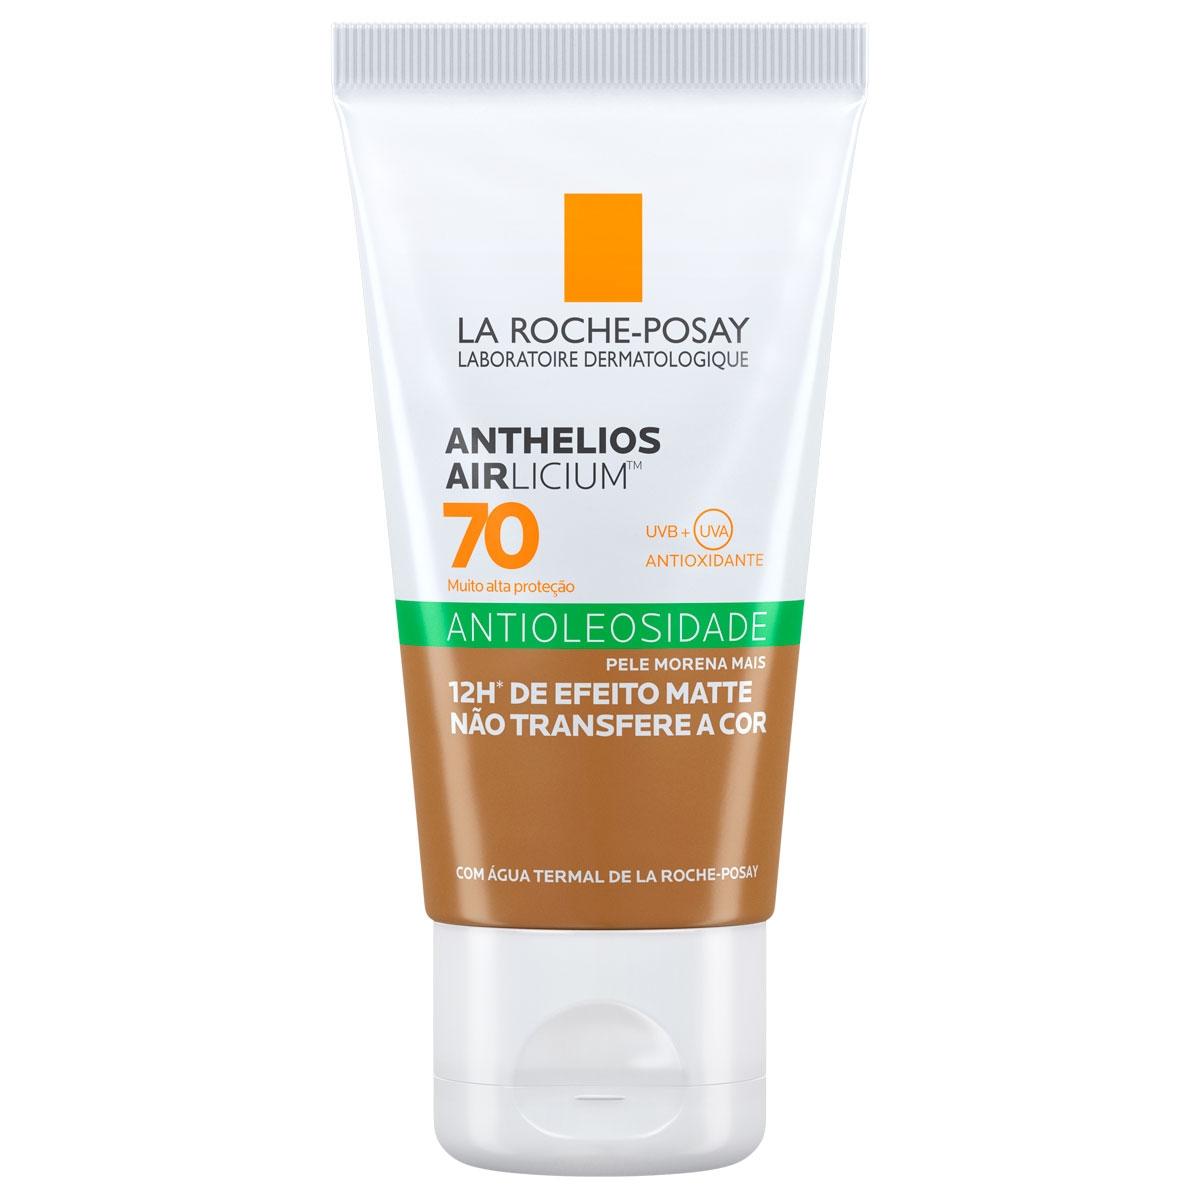 Protetor Solar Facial La Roche-Posay Anthelios Airlicium Antioleosidade Pele Morena Mais FPS 70 com 40g 40g